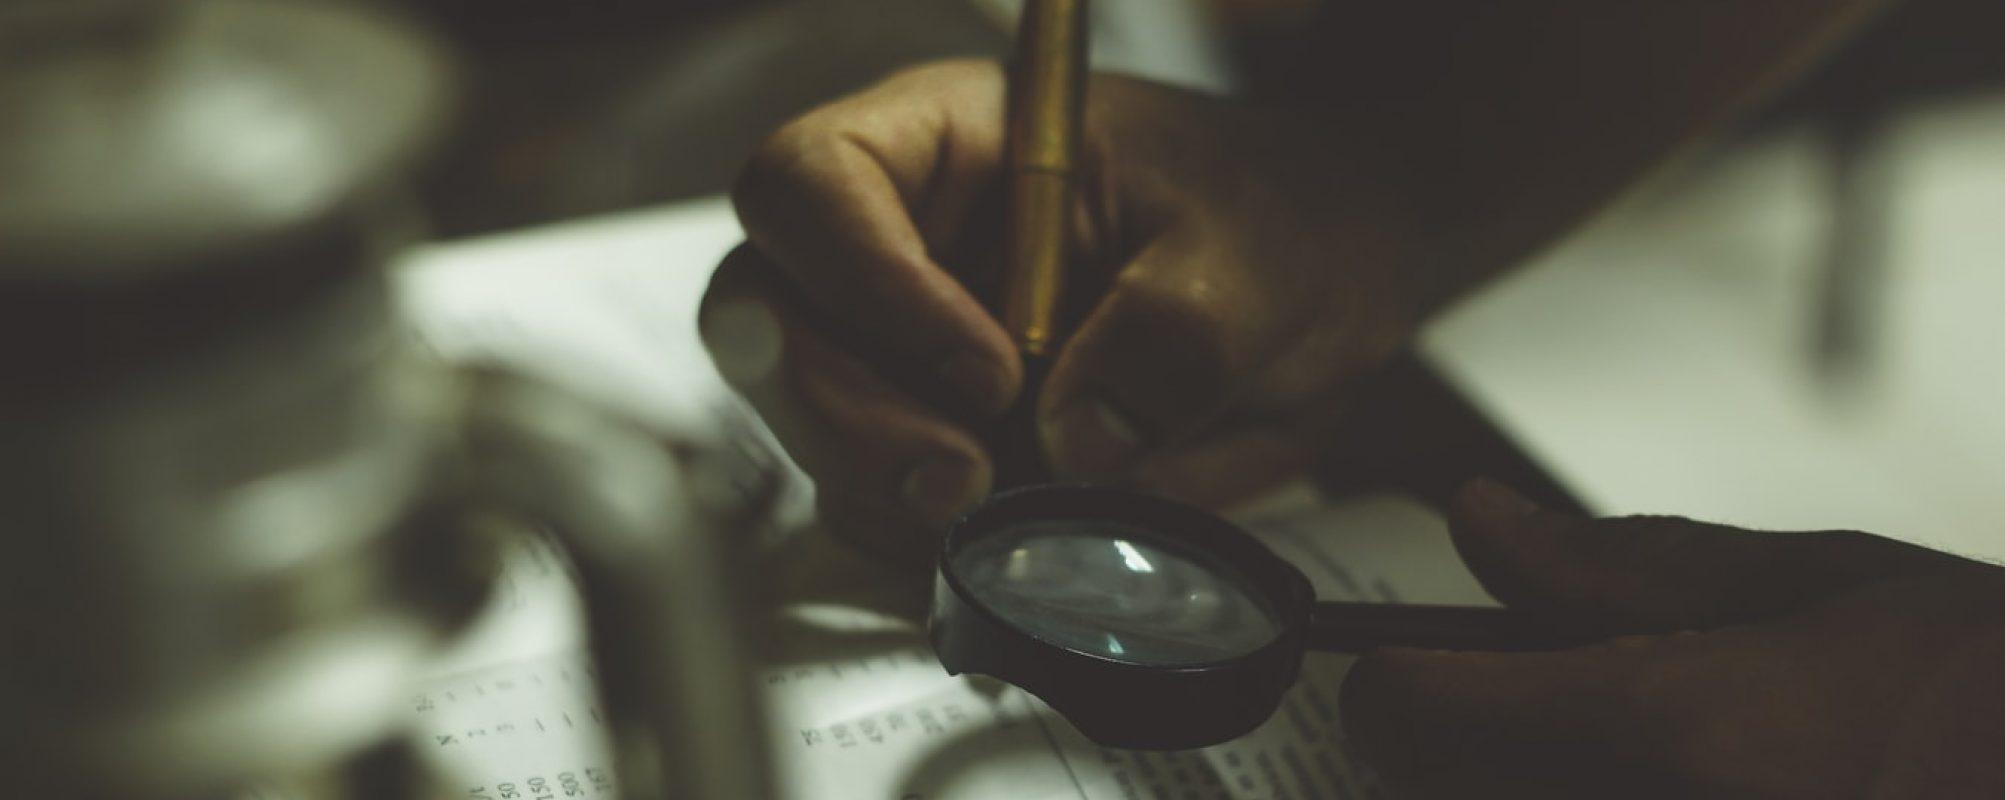 How to: Dein praktischer Leitfaden zur Keyword-Recherche